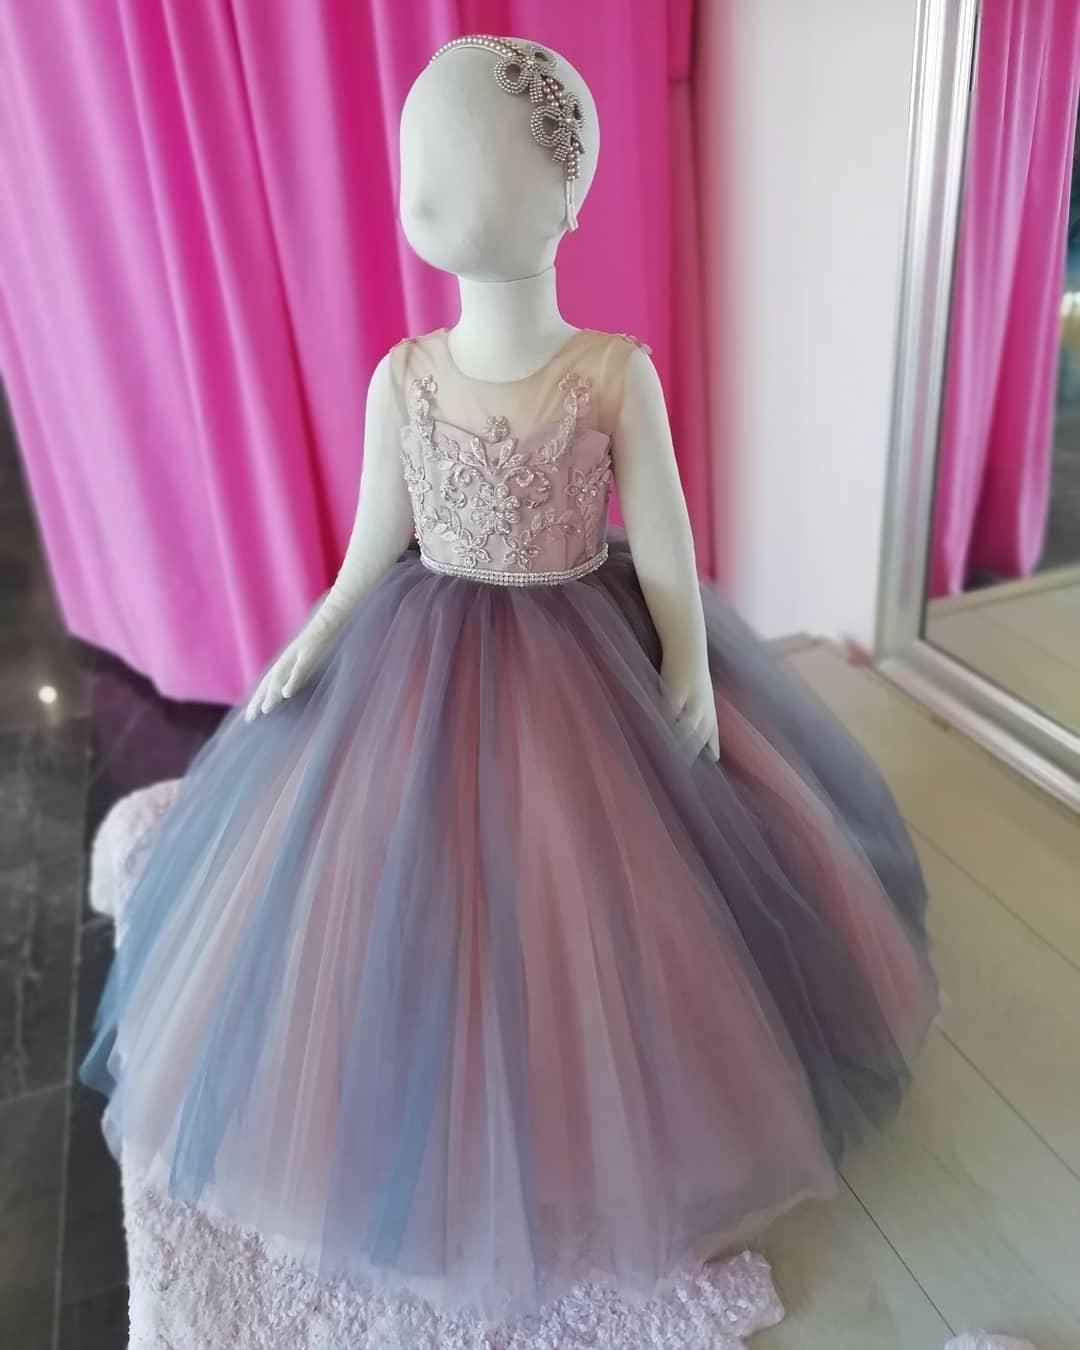 Günstige Spitze Kristall-Blumen-Mädchen-Kleider Sheer Ausschnitt Perlen Tüll Kleines Mädchen Brautkleider Günstige Communion Pageant Kleid-Kleider F251